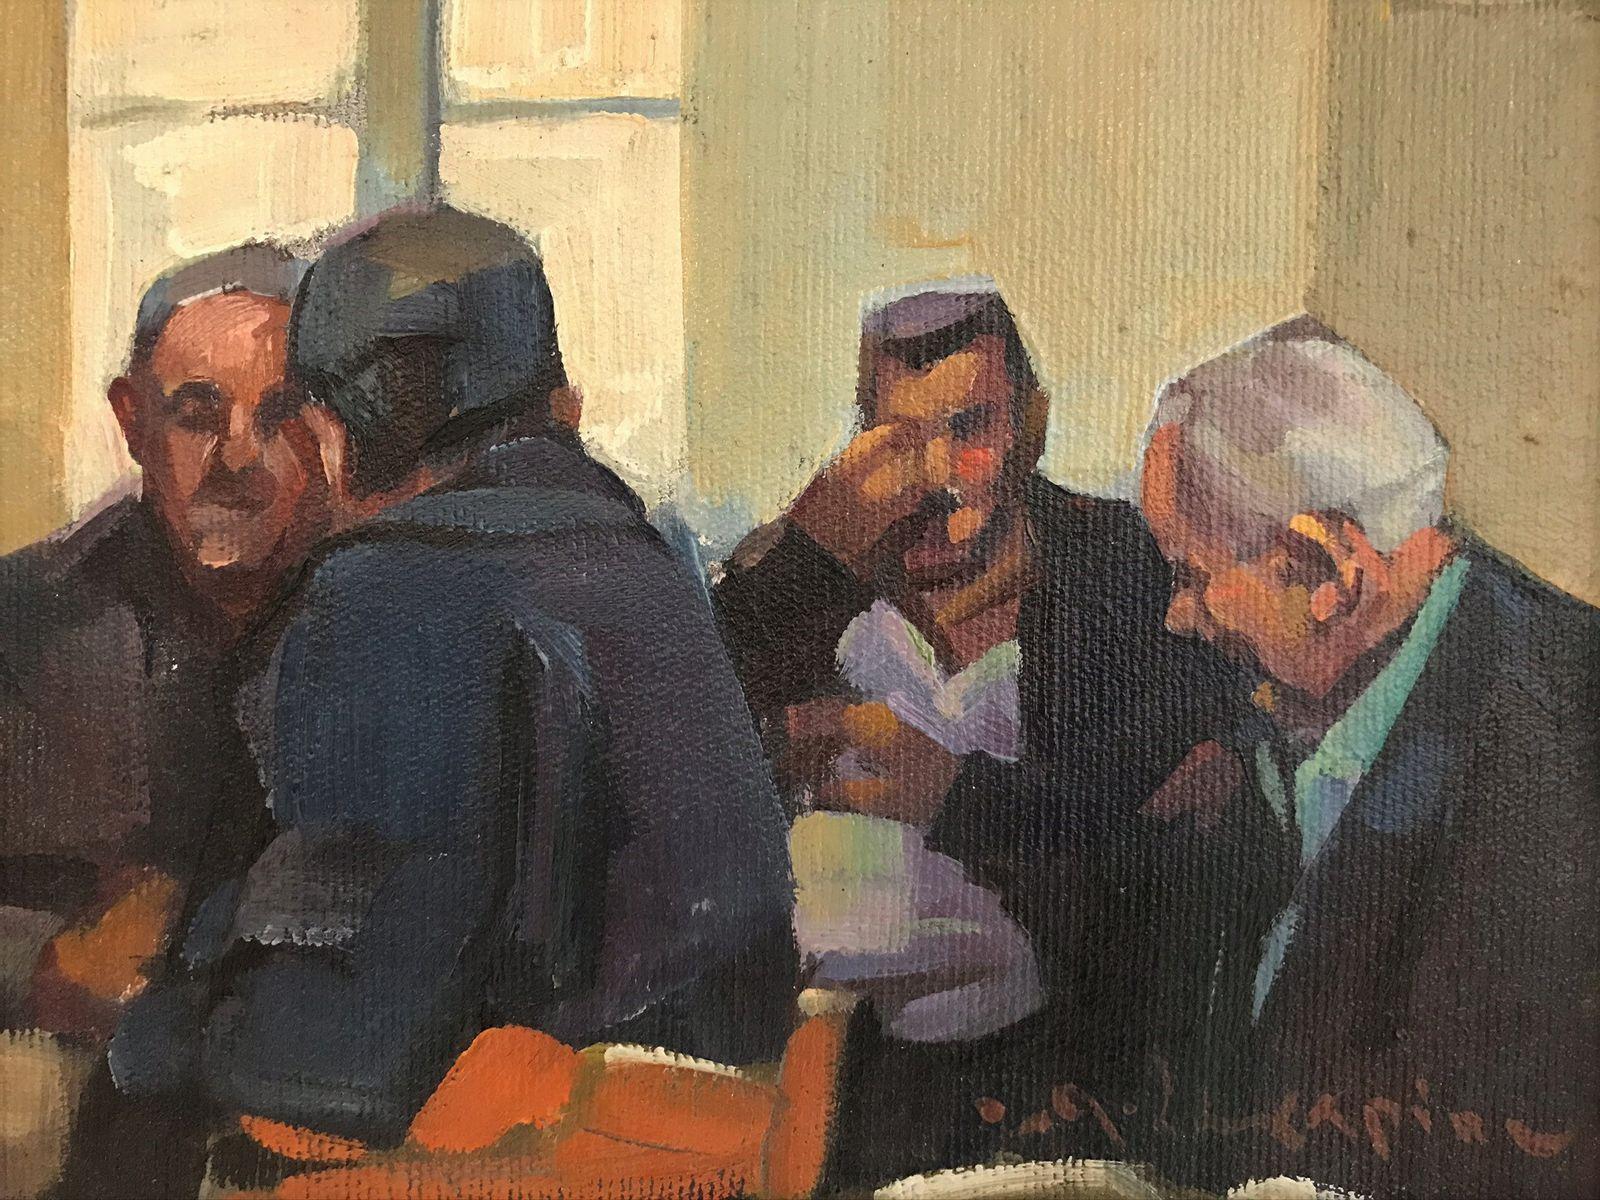 Θανάσης Ζαχαρίου 24×30 Λάδια σε καμβά Thanassis Zachariou 24×30 cm Oils on canvas (2)